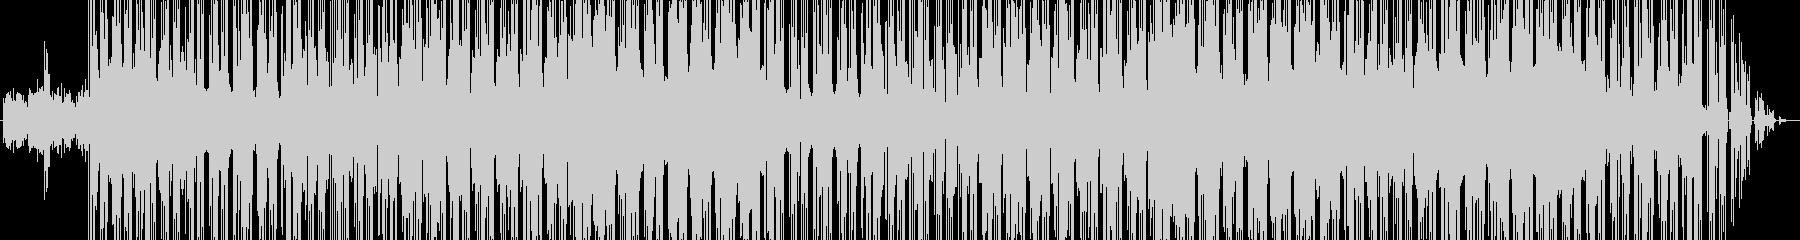 ヒップホップ風のテクノポップの未再生の波形